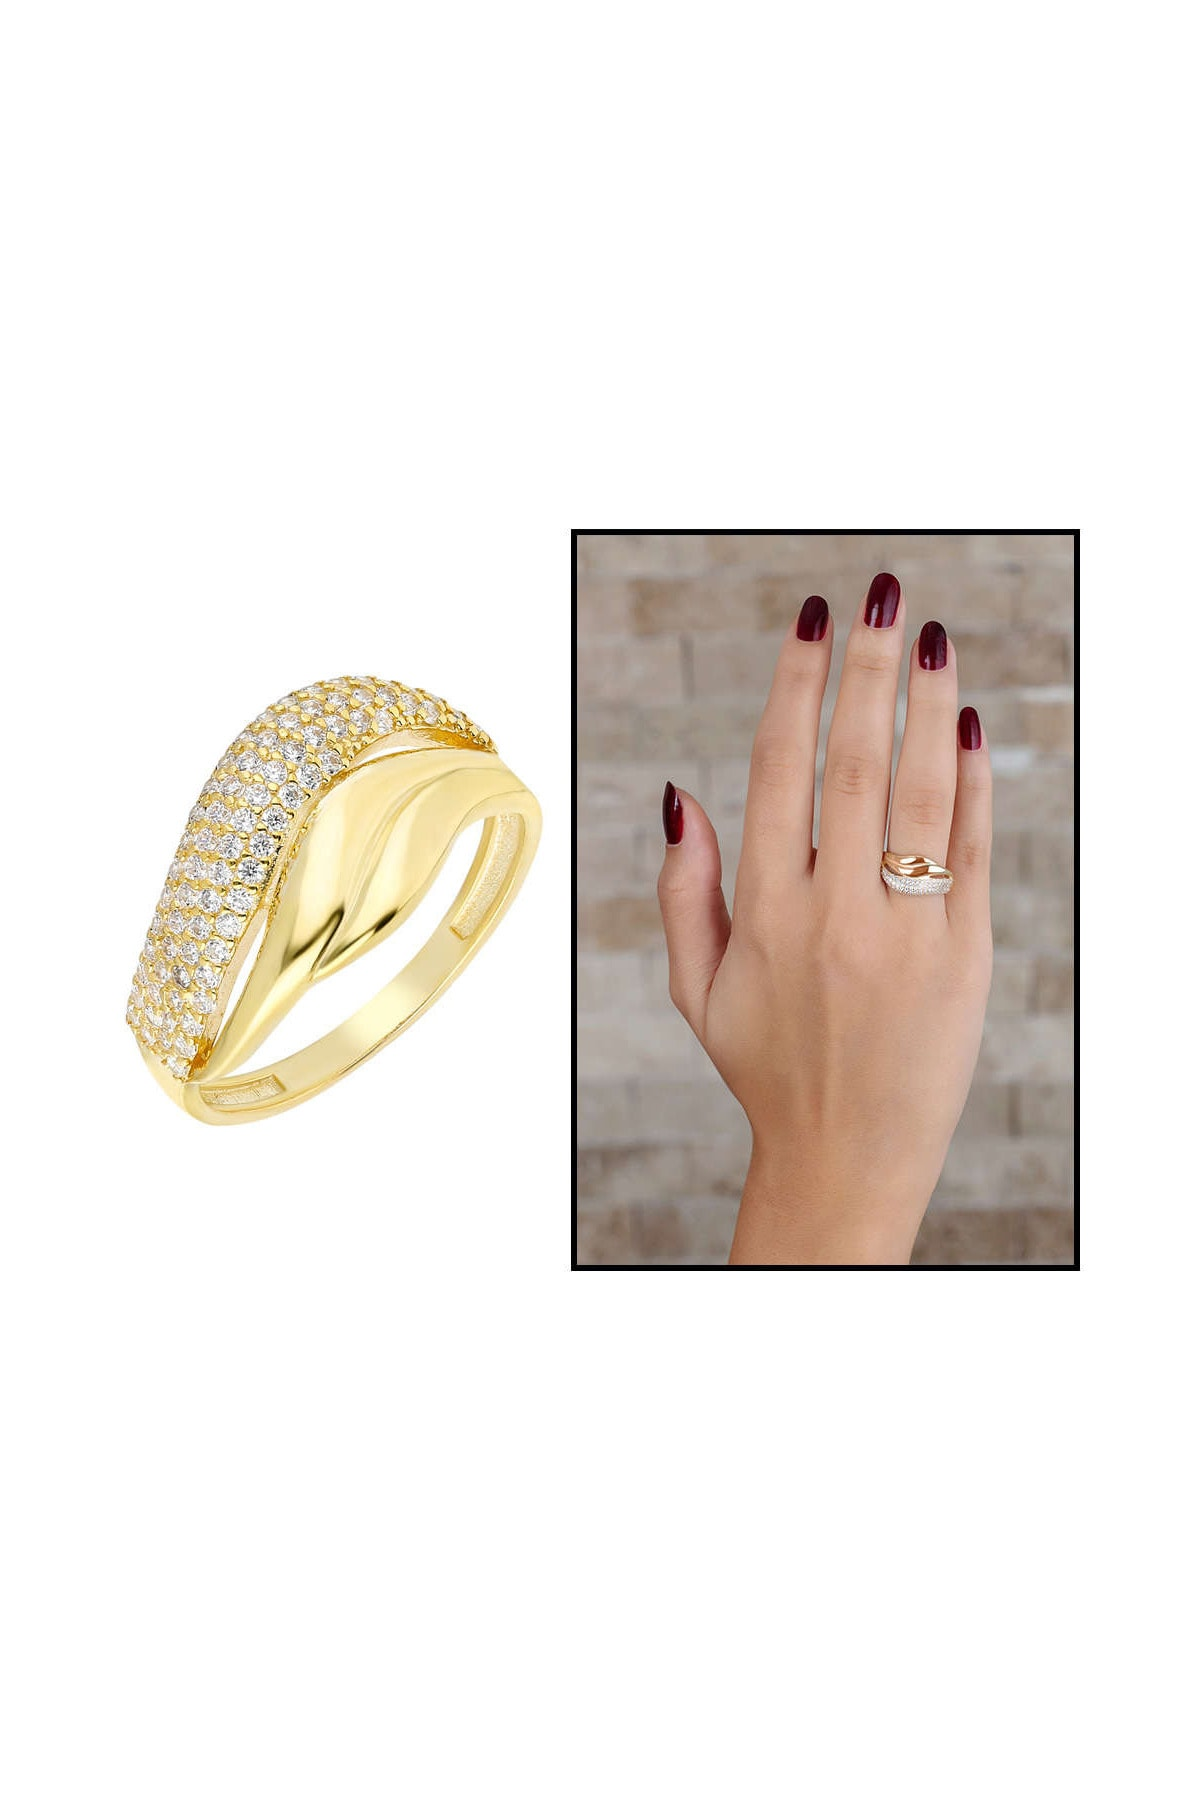 Tesbihane Zirkon Taşlı Wave Tasarım Gold Renk 925 Ayar Gümüş Bayan Yüzük 102001737 1